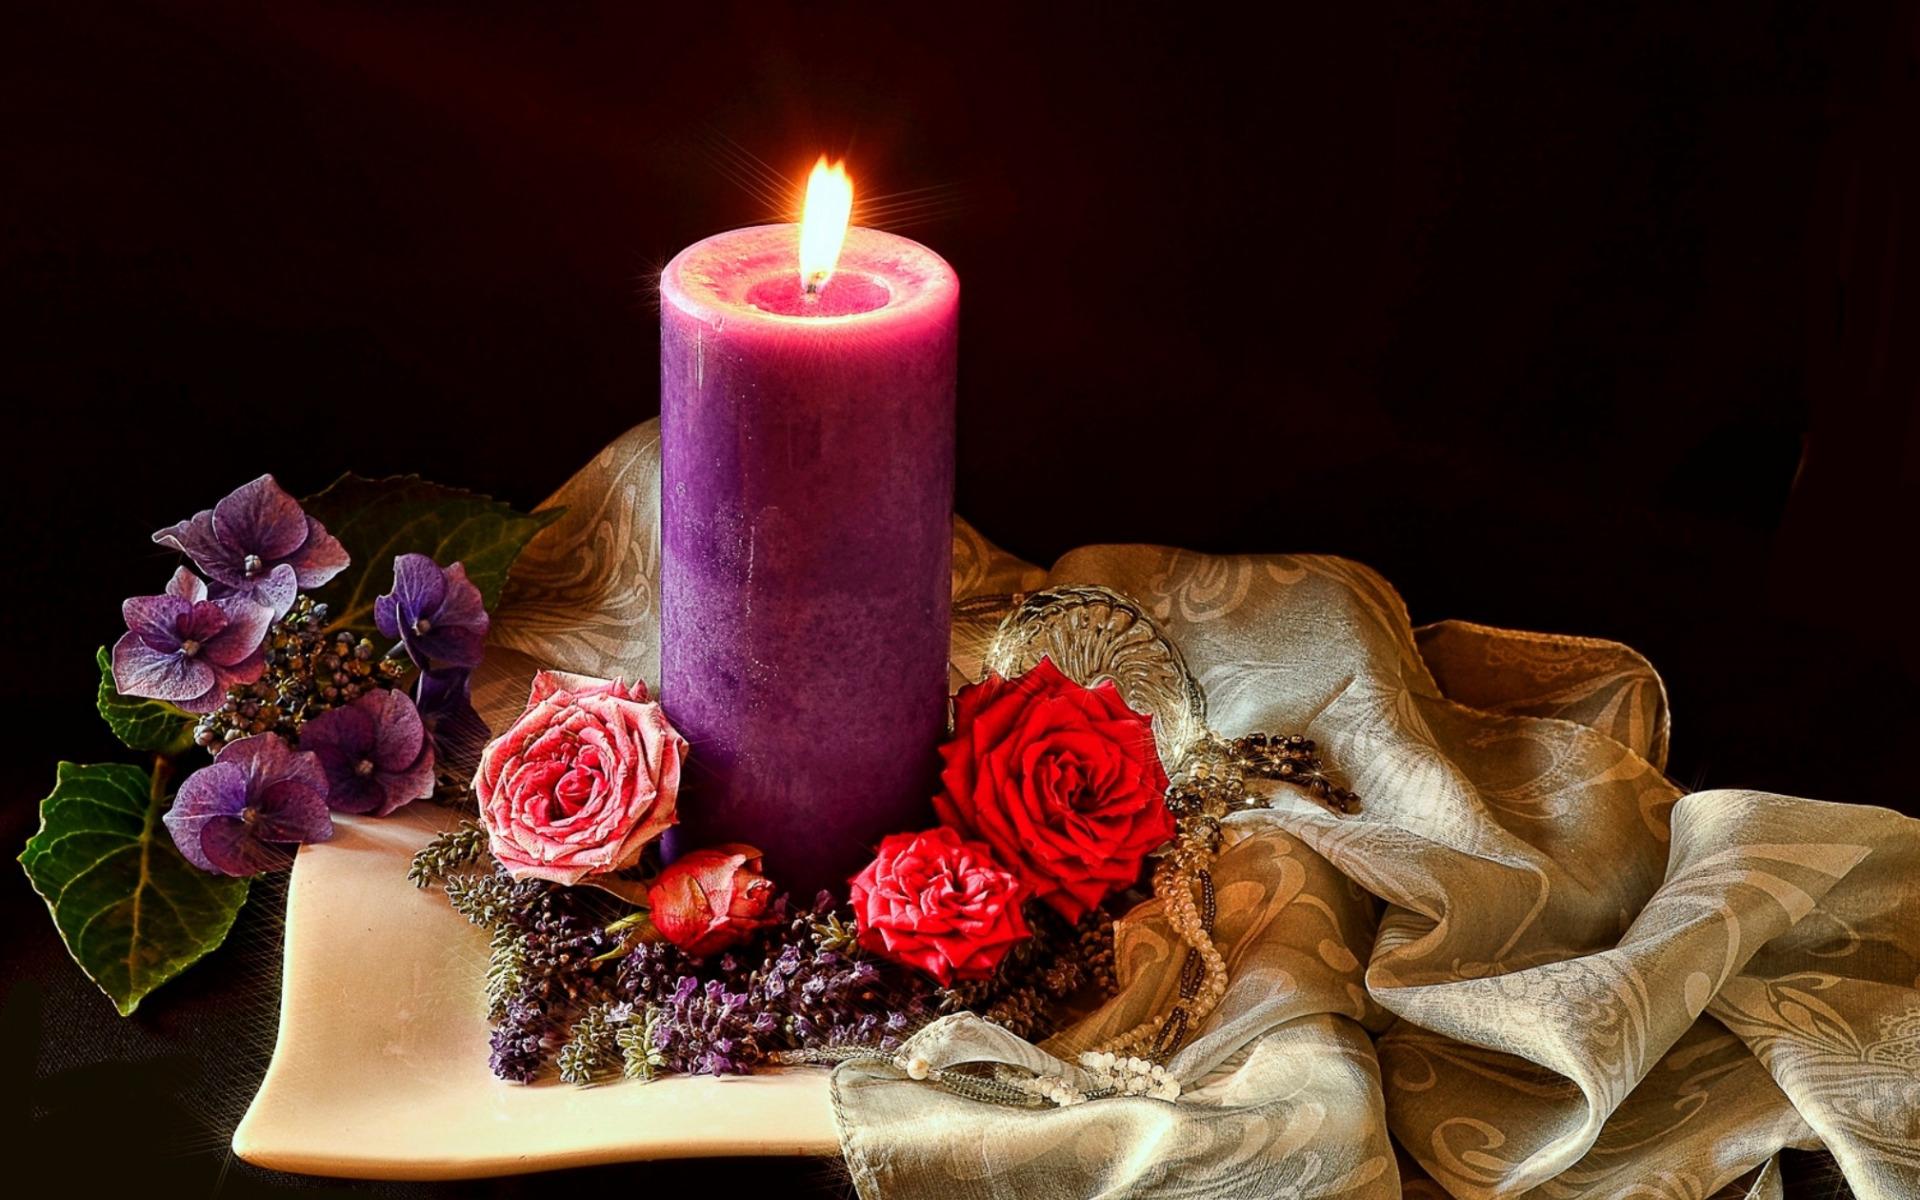 картинки со свечами с цветами расписаться